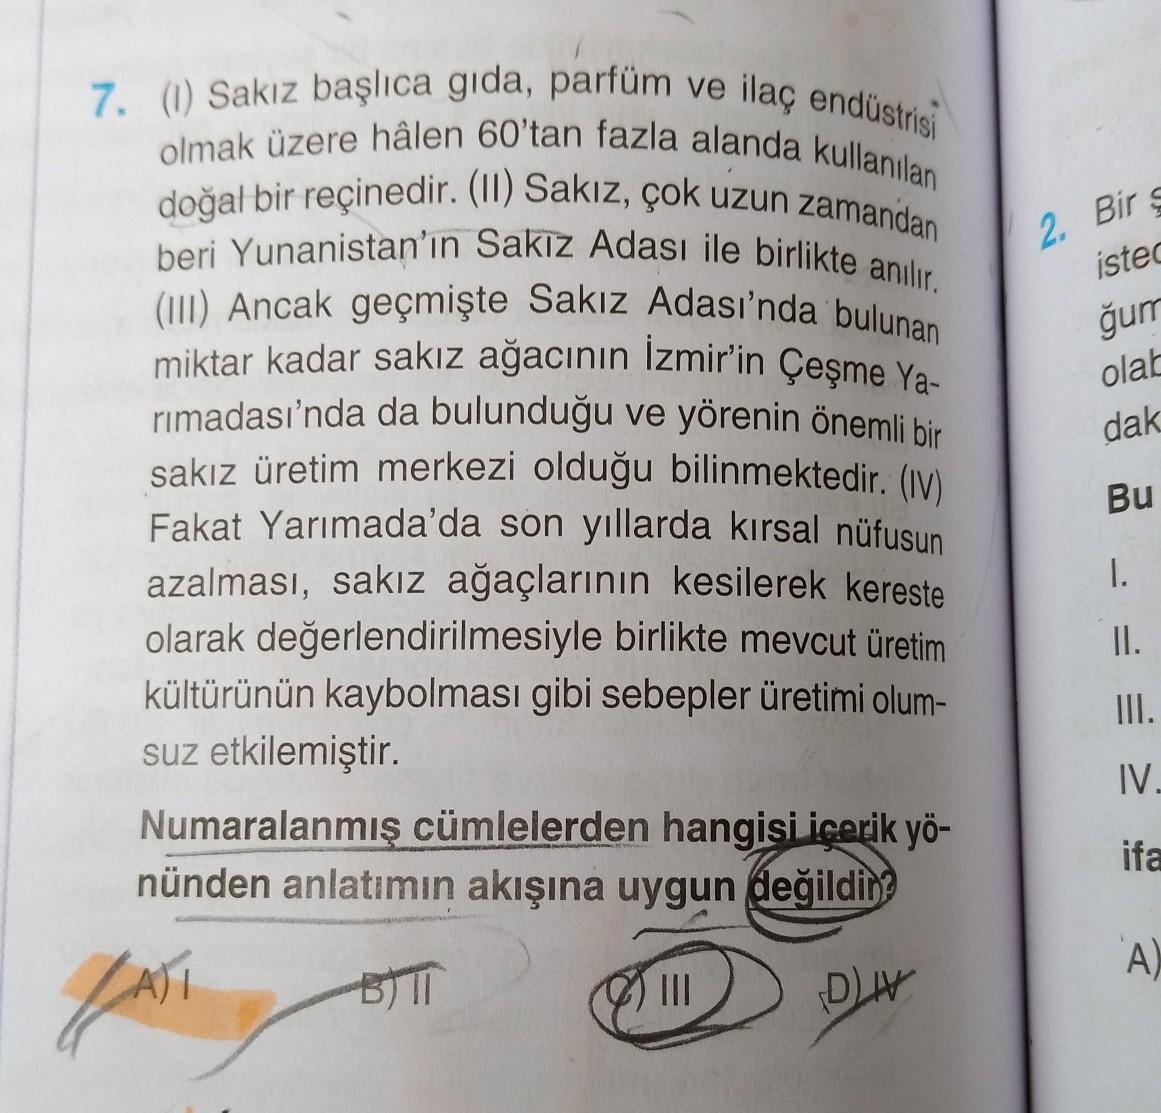 2. Bir isted ğum olab dak 7. (1) Sakız başlıca gida, parfüm ve ilaç endüstrisi olmak üzere hâlen 60'tan fazla alanda kullanılan doğal bir reçinedir. (II) Sakız, çok uzun zamandan beri Yunanistan'ın Sakız Adası ile birlikte anılır. (III) Ancak geçmişte Sakı